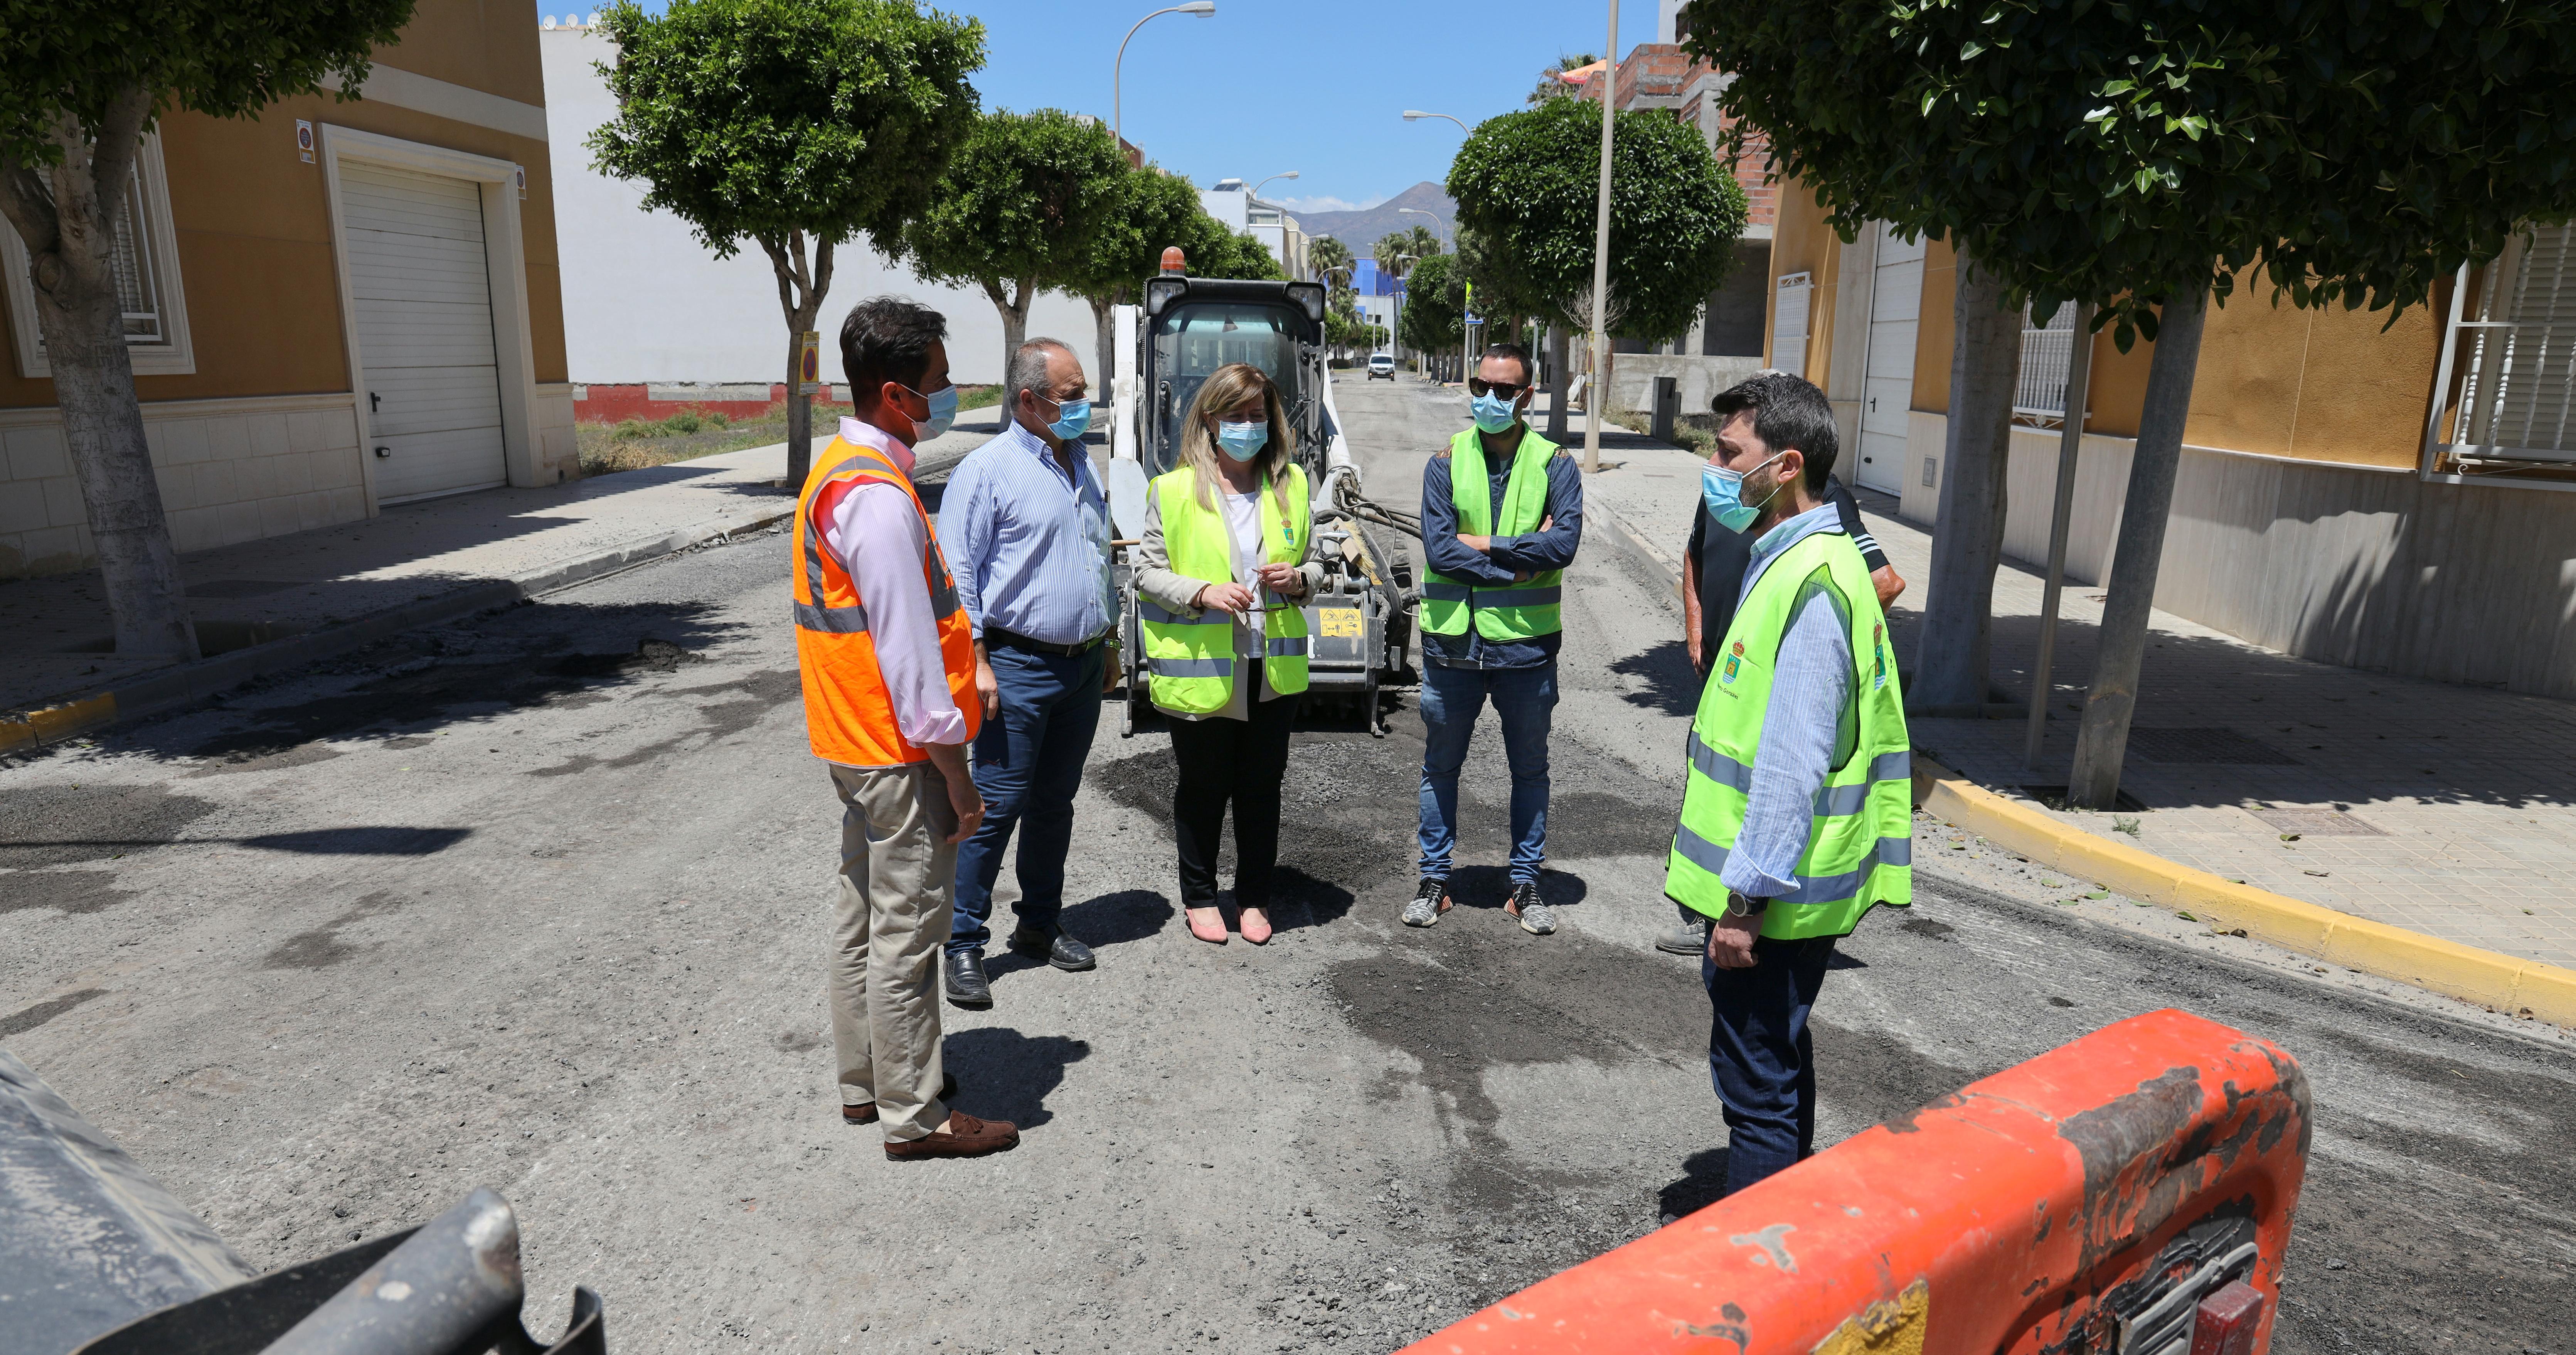 Estos días finalizan los trabajos de reasfaltado en las calles de Balerma incluidas dentro de la III Fase del Plan de Regeneración y Pavimentos de Viales